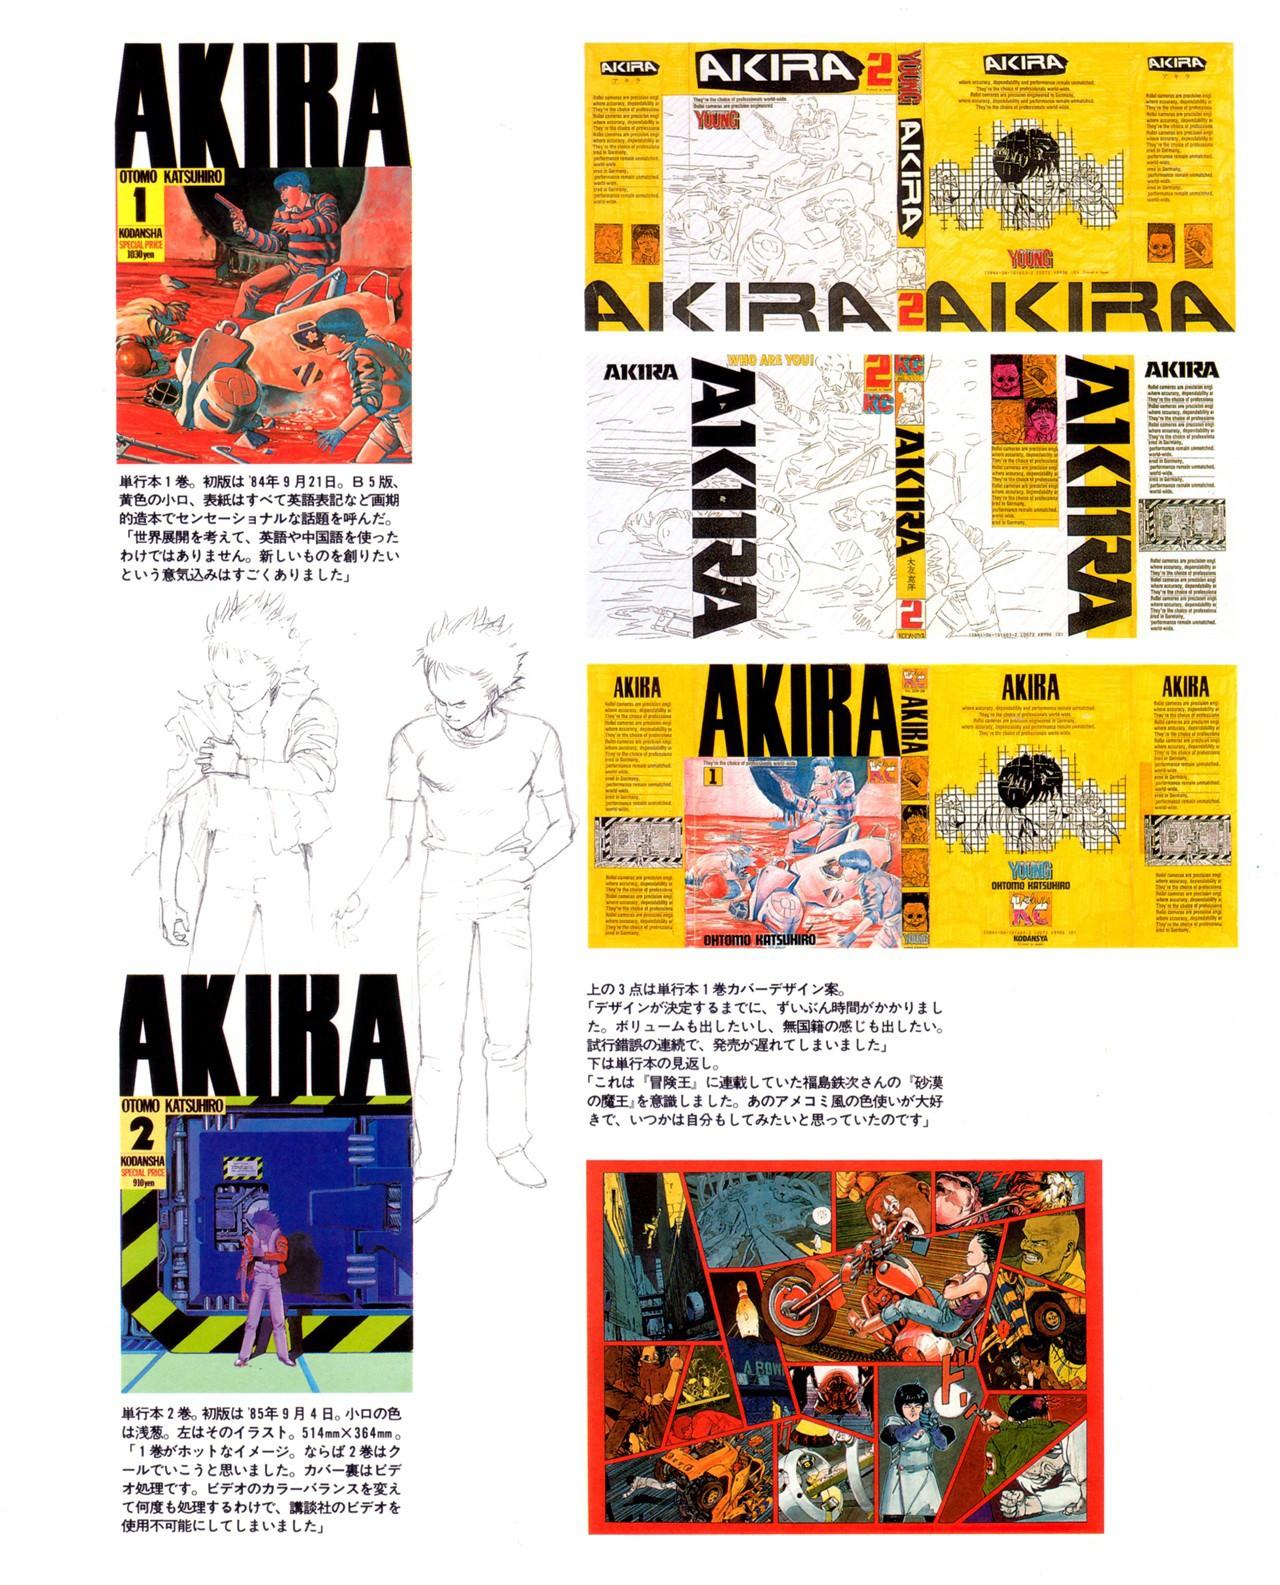 akira_art_book_-_akira_cl-copie1.jpeg